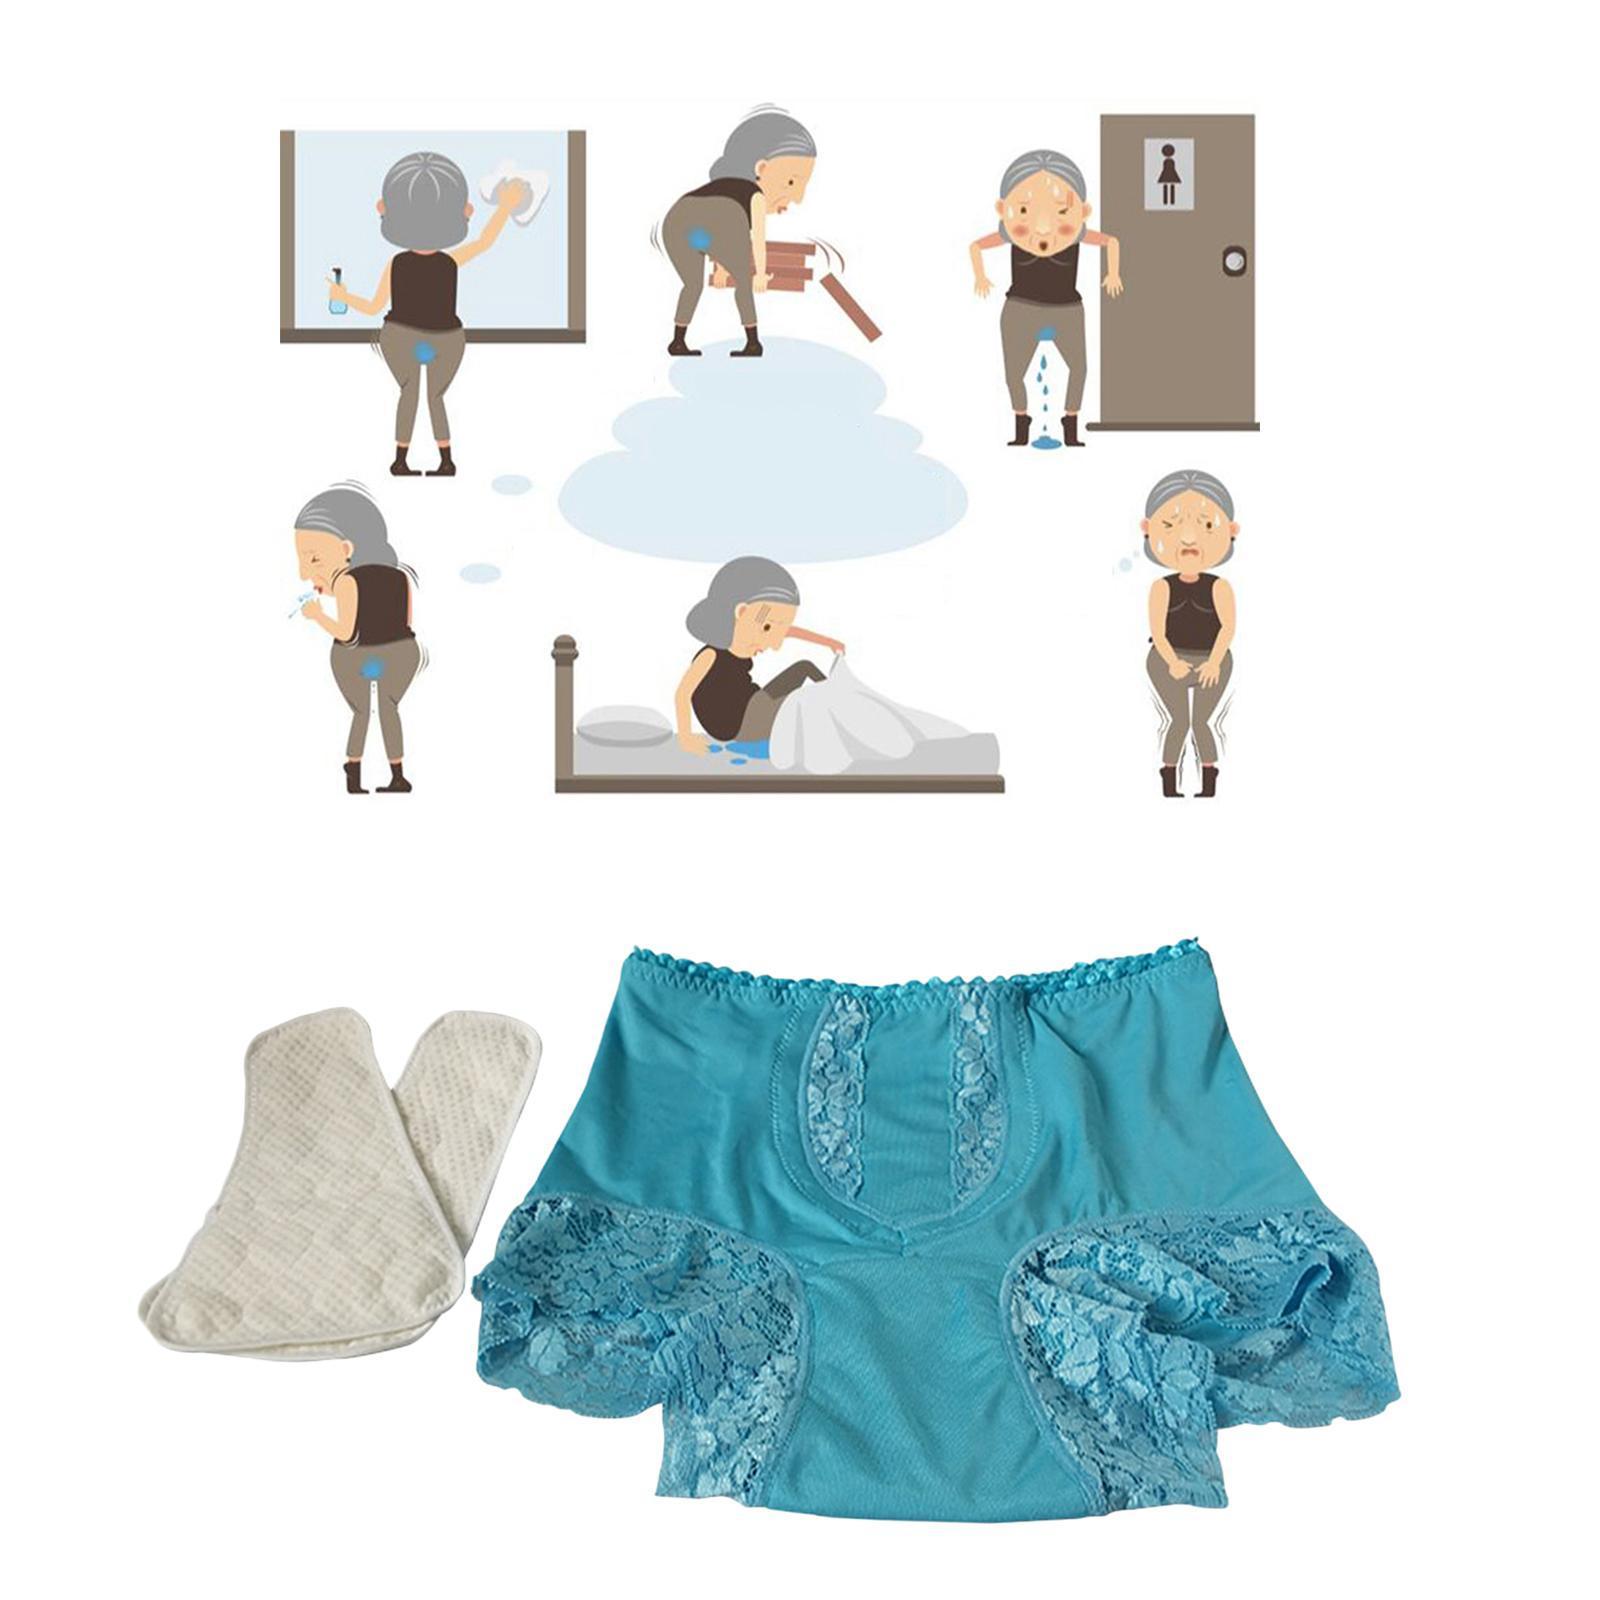 Indexbild 13 - Wiederverwendbare Inkontinenz Unterwäsche mit Pad für Frauen Menstruations